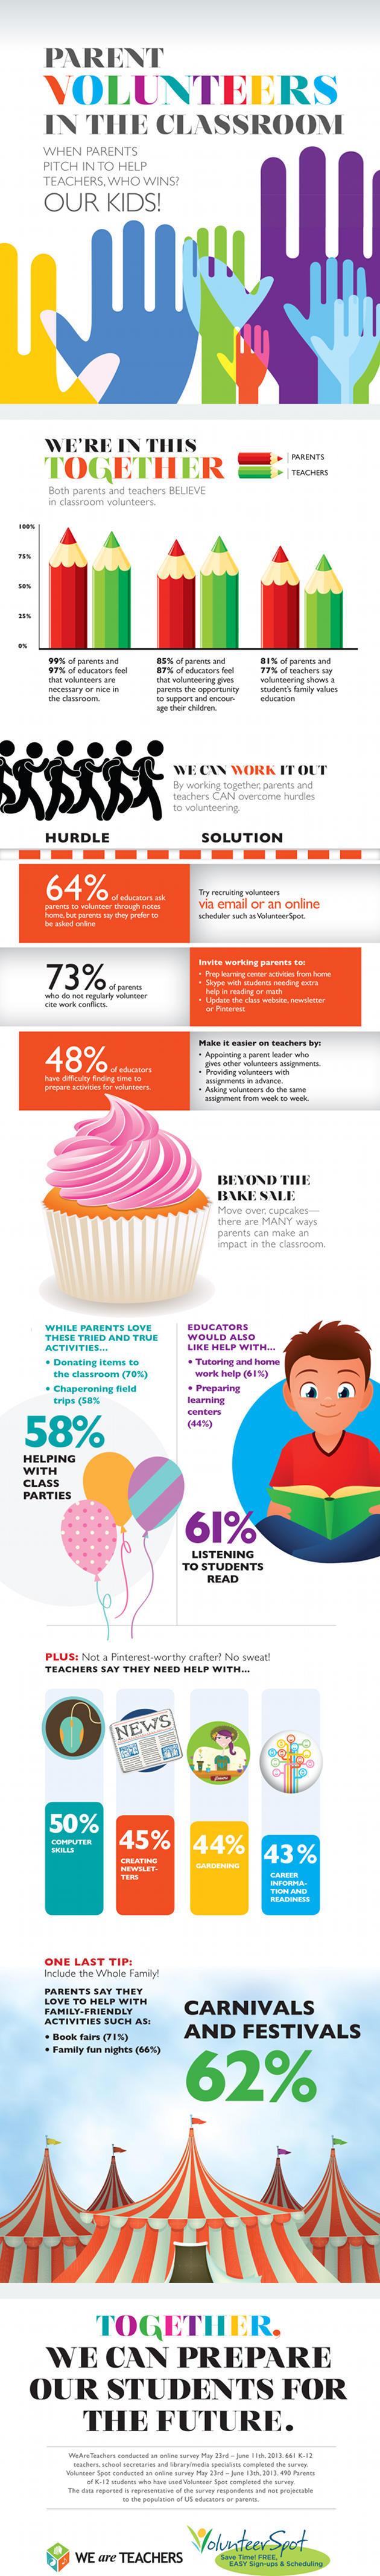 Parent Volunteers in the Classroom Infographic